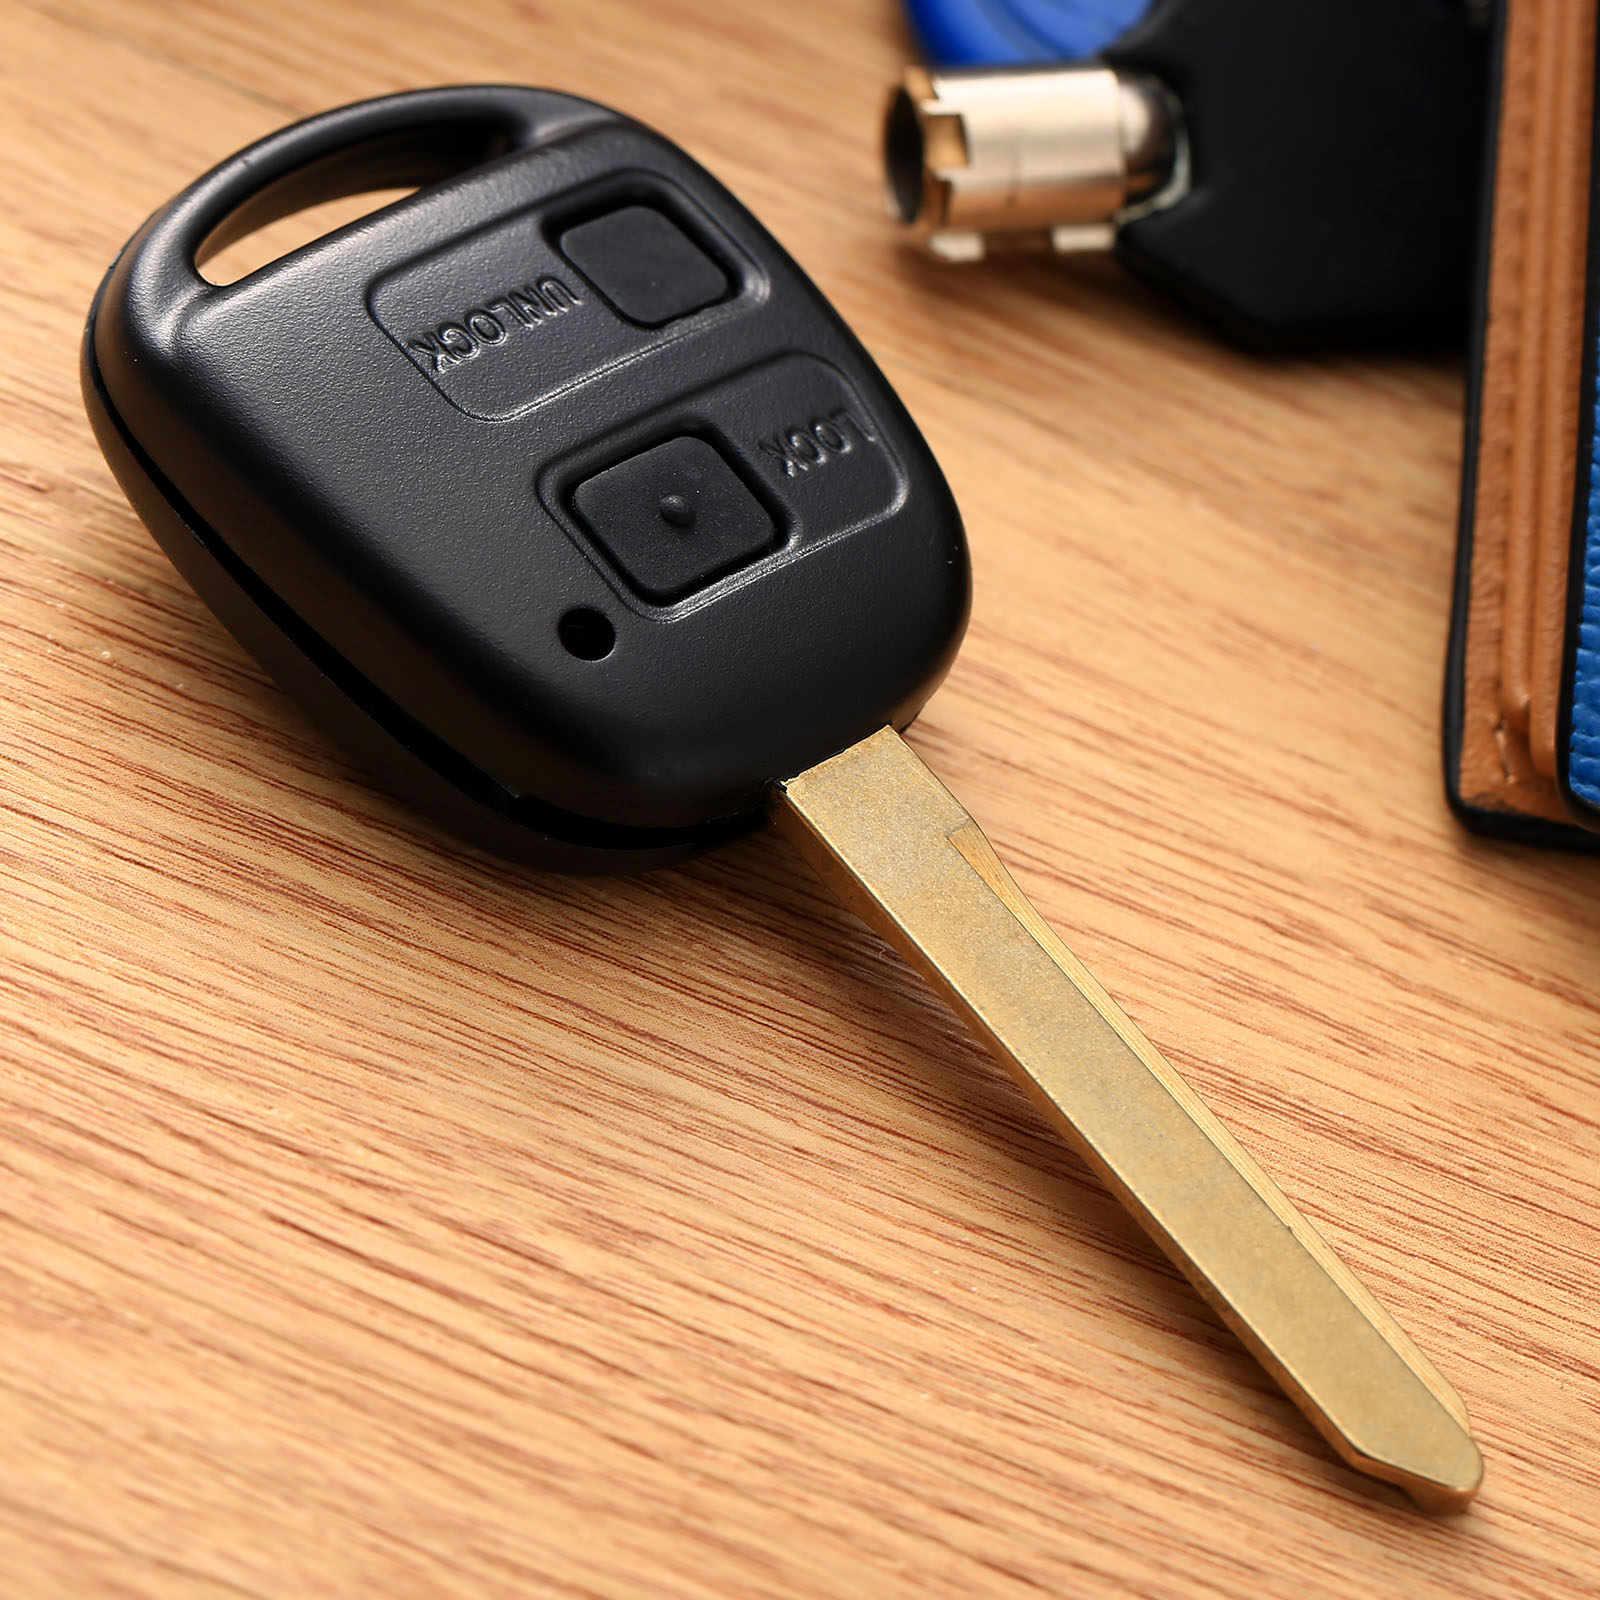 2 nút Keyless Entry Xe Từ Xa Key Fob Shell Trường Hợp Phù Hợp cho Toyota Avensis Toy47 Thay Thế Chìa Khóa Xe Nắp Công Tắc nút Cao Su